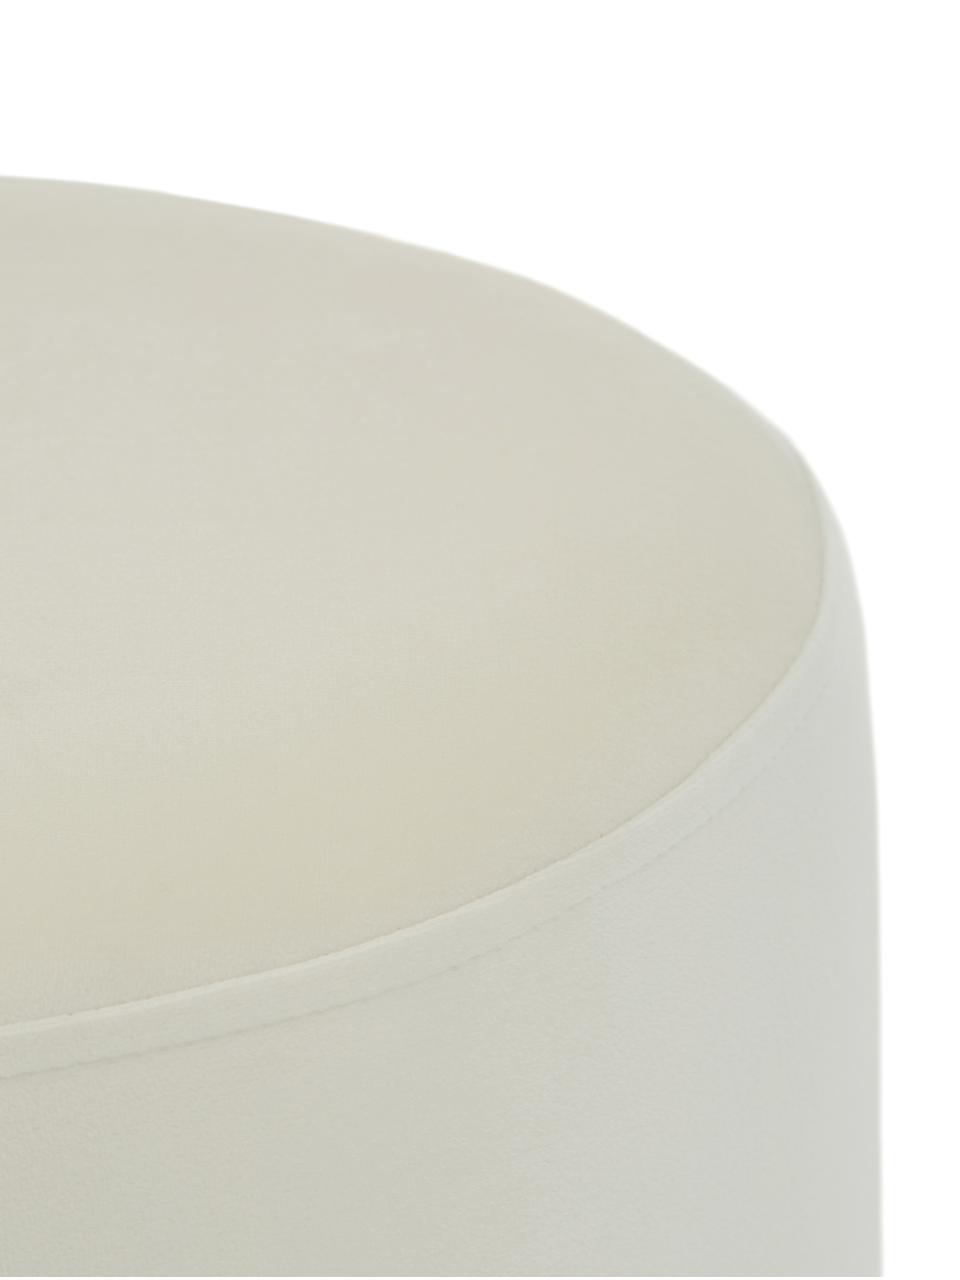 Tabouret velours Orchid, Revêtement: blanc crème Pied: couleur dorée